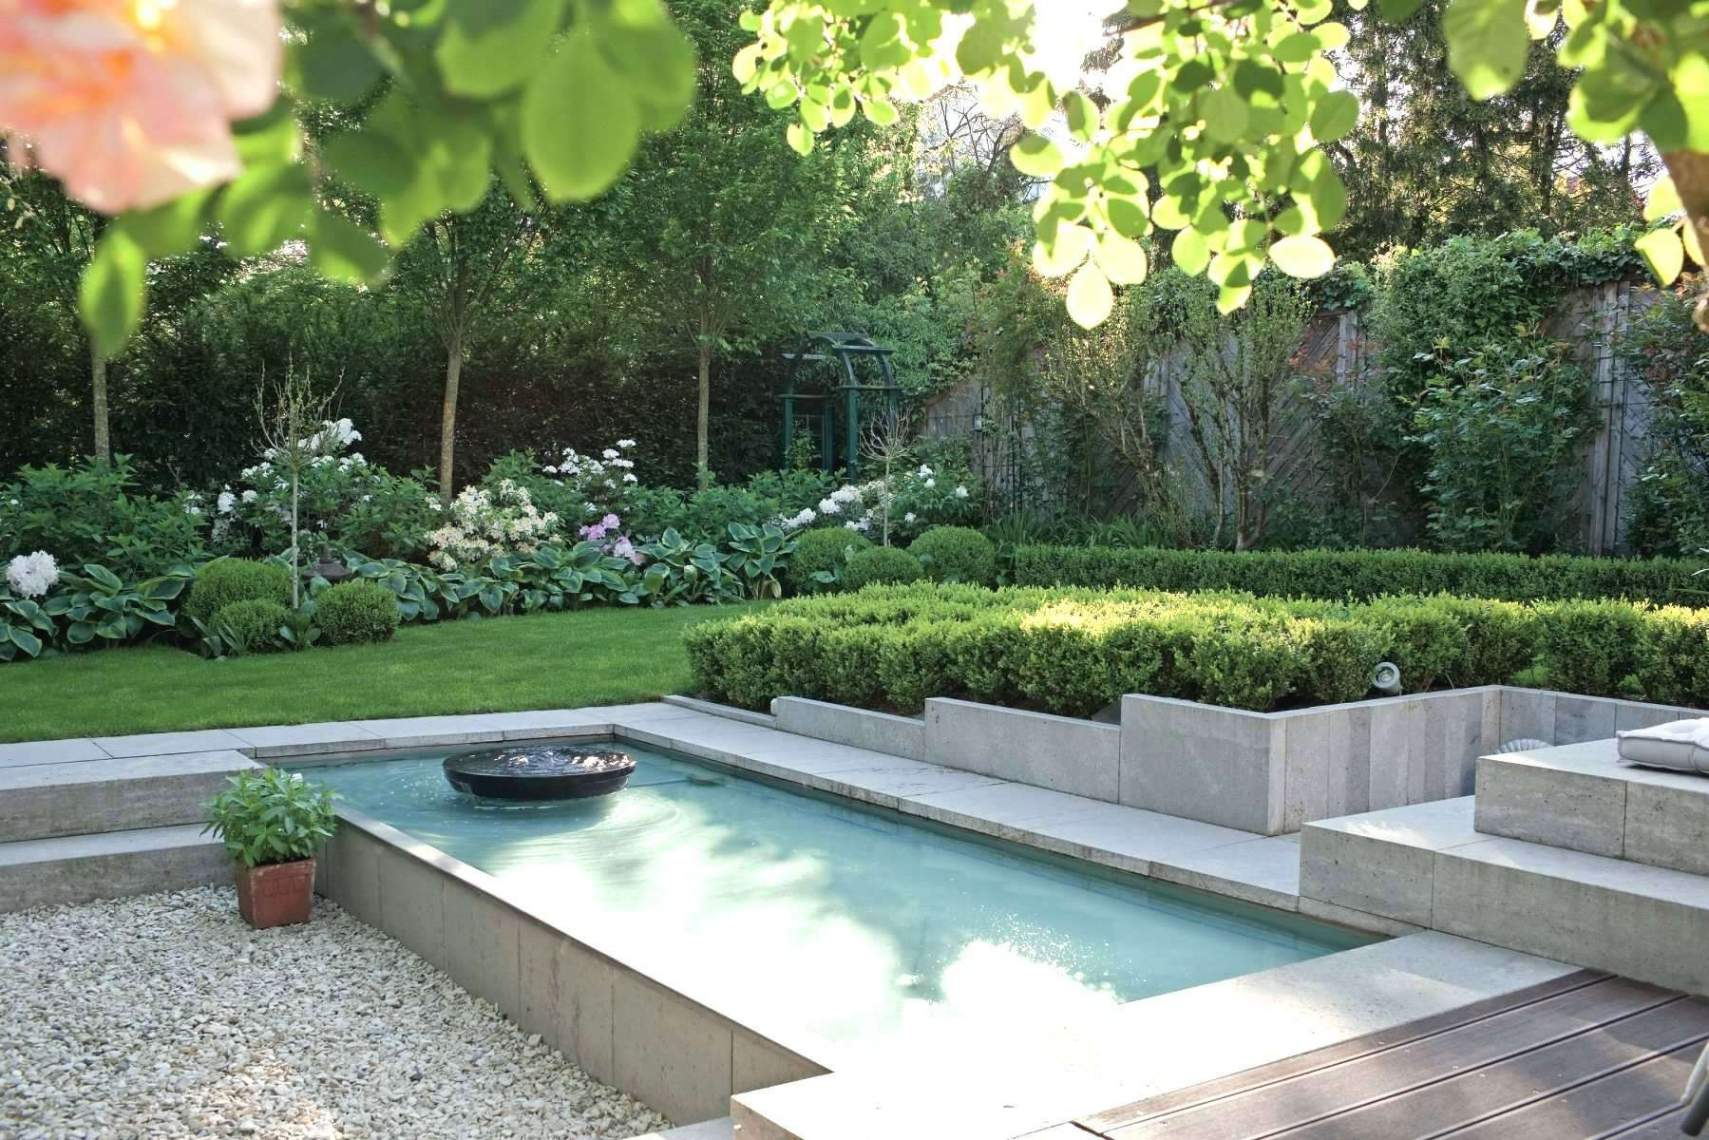 Reihenhausgarten Gestalten Ideen Elegant 26 Genial Garten Modern Gestalten Einzigartig